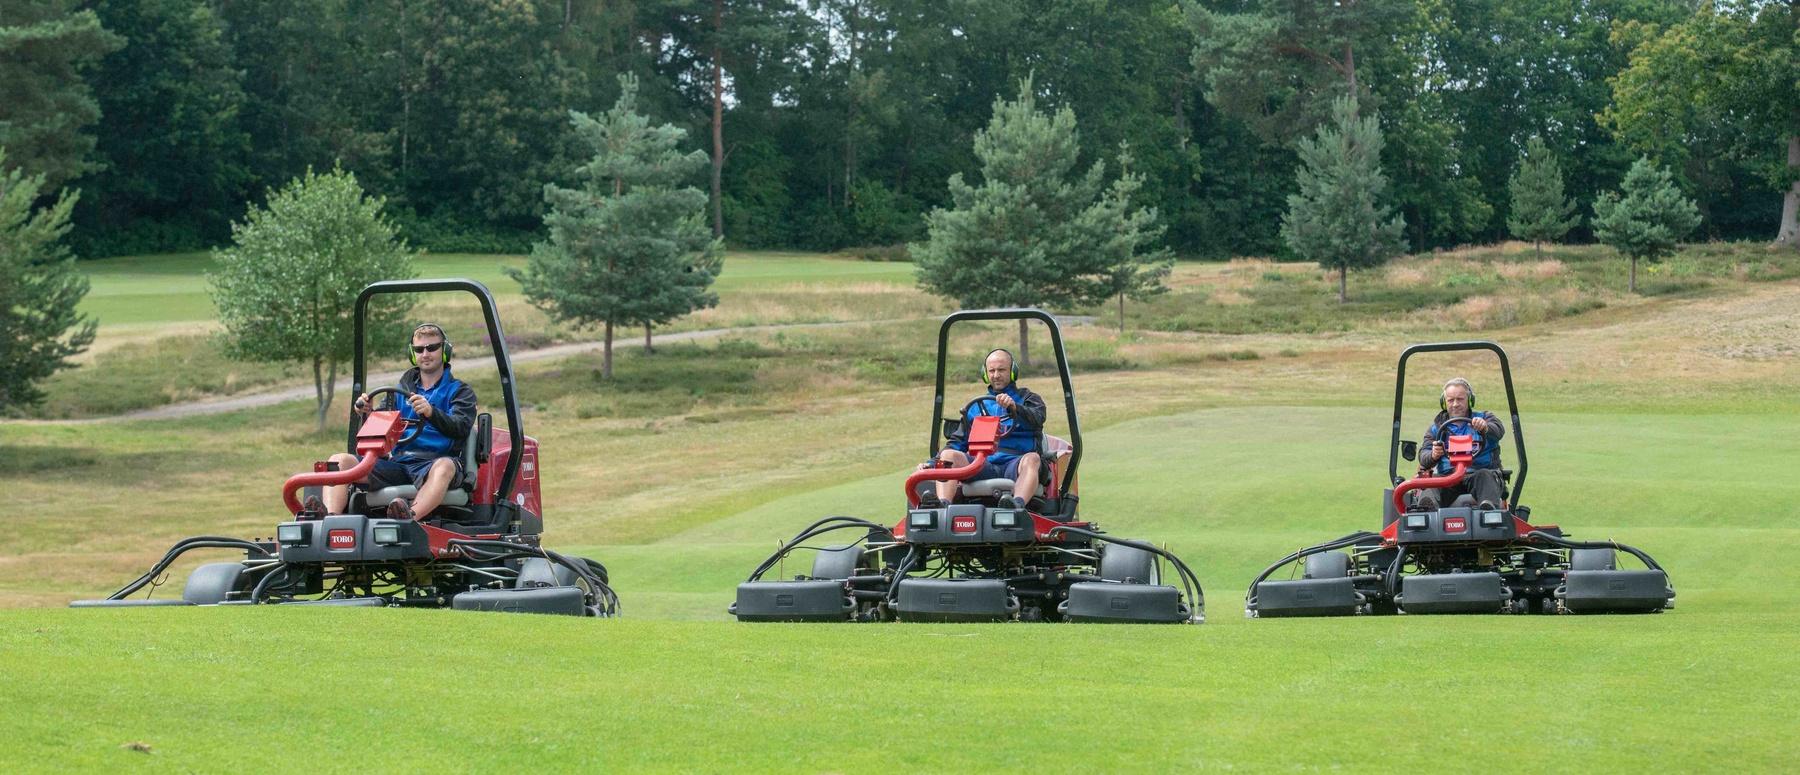 Appliances at St George's Hill Golf Club, Weybridge, Surrey, 11th July 2019